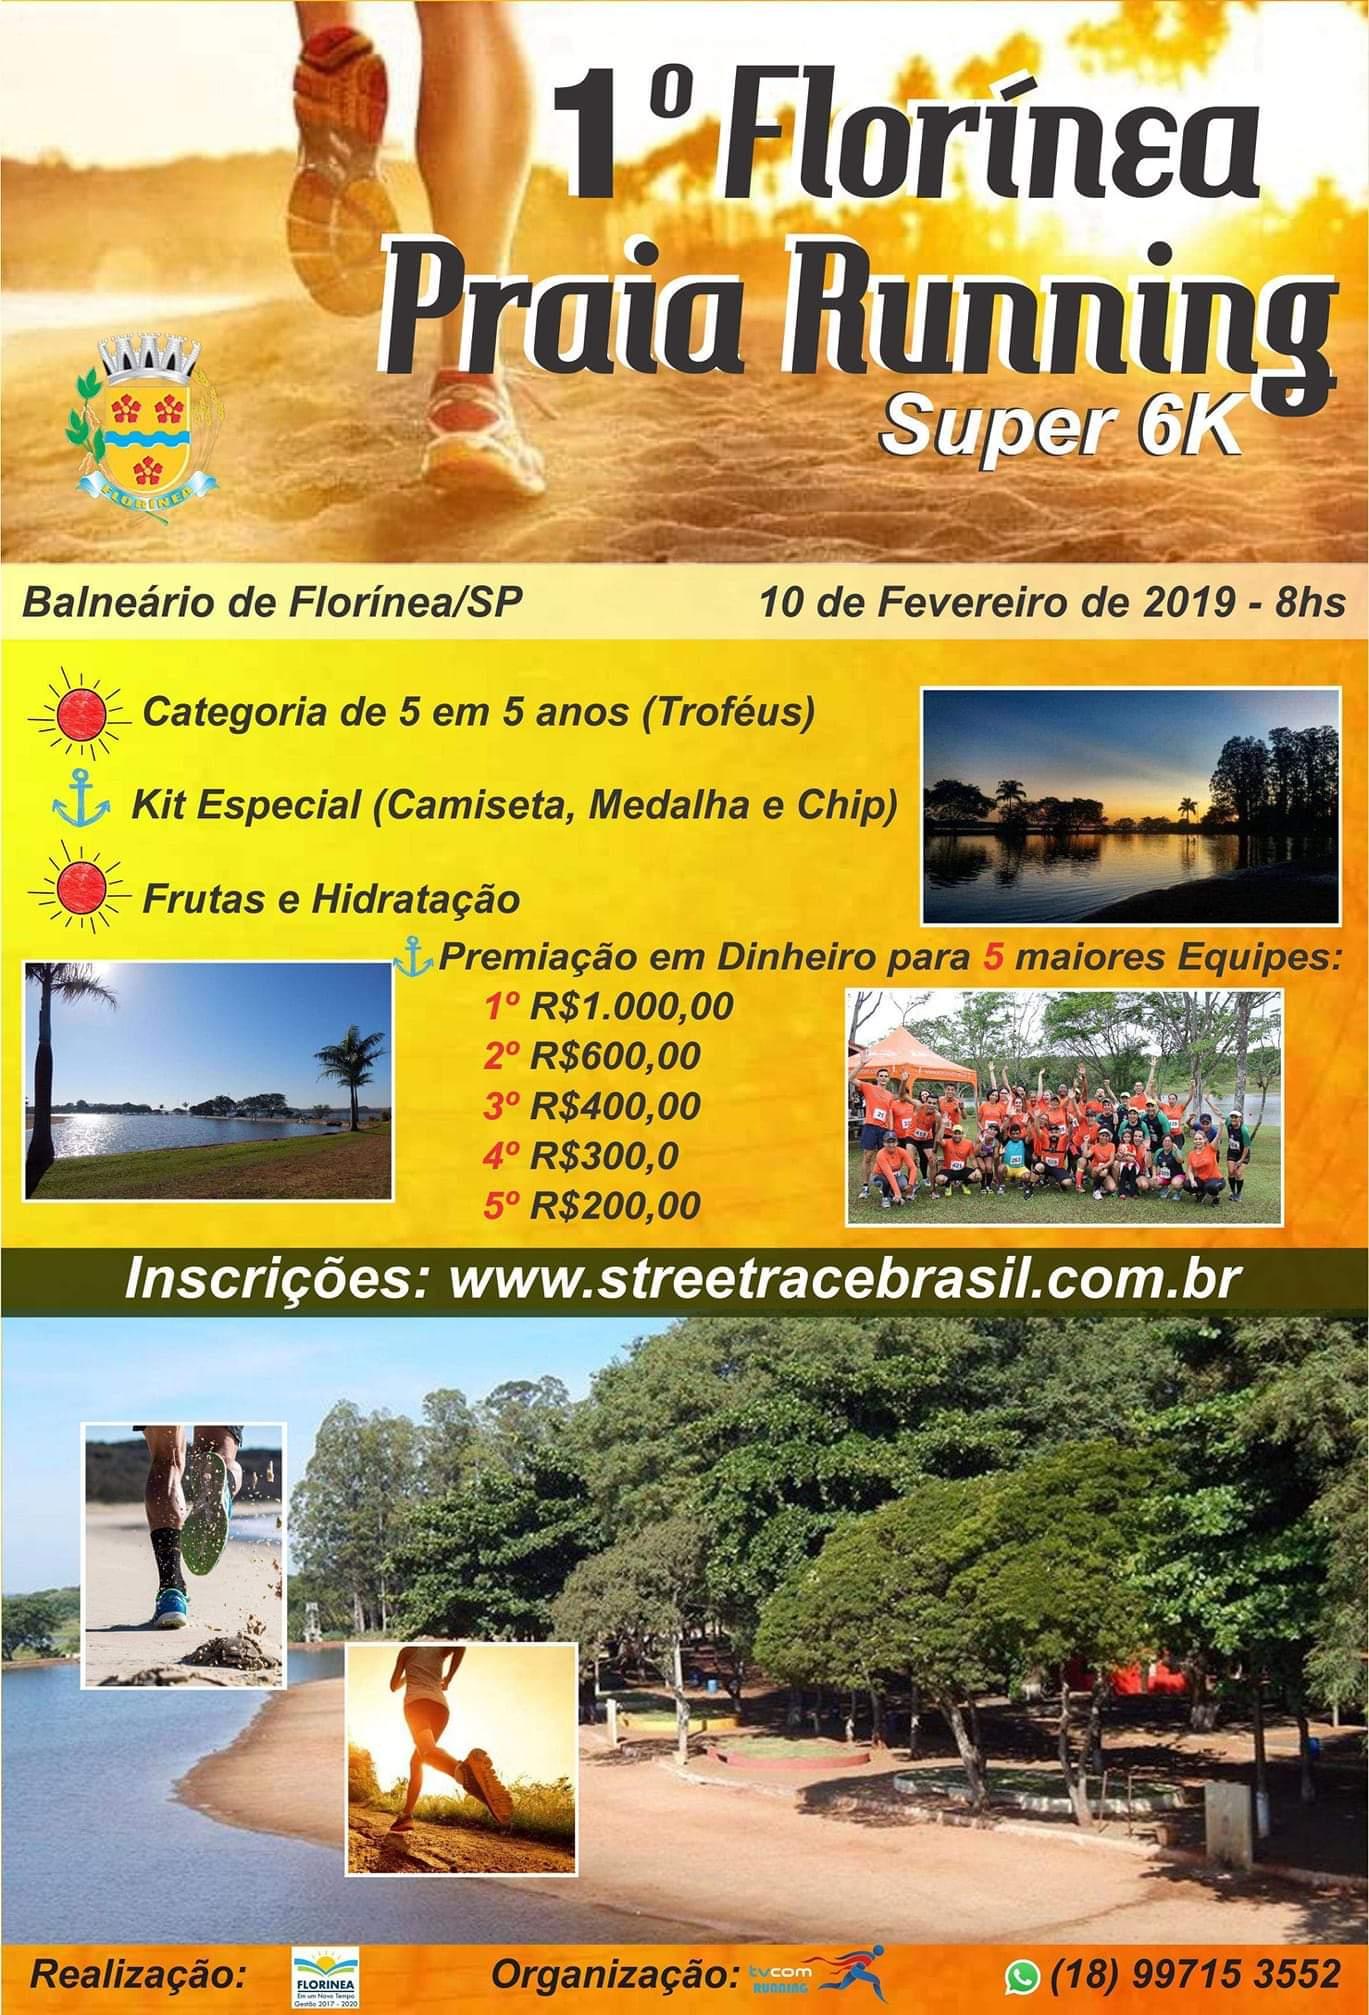 1ª FLORÍNEA PRAIA RUNNING